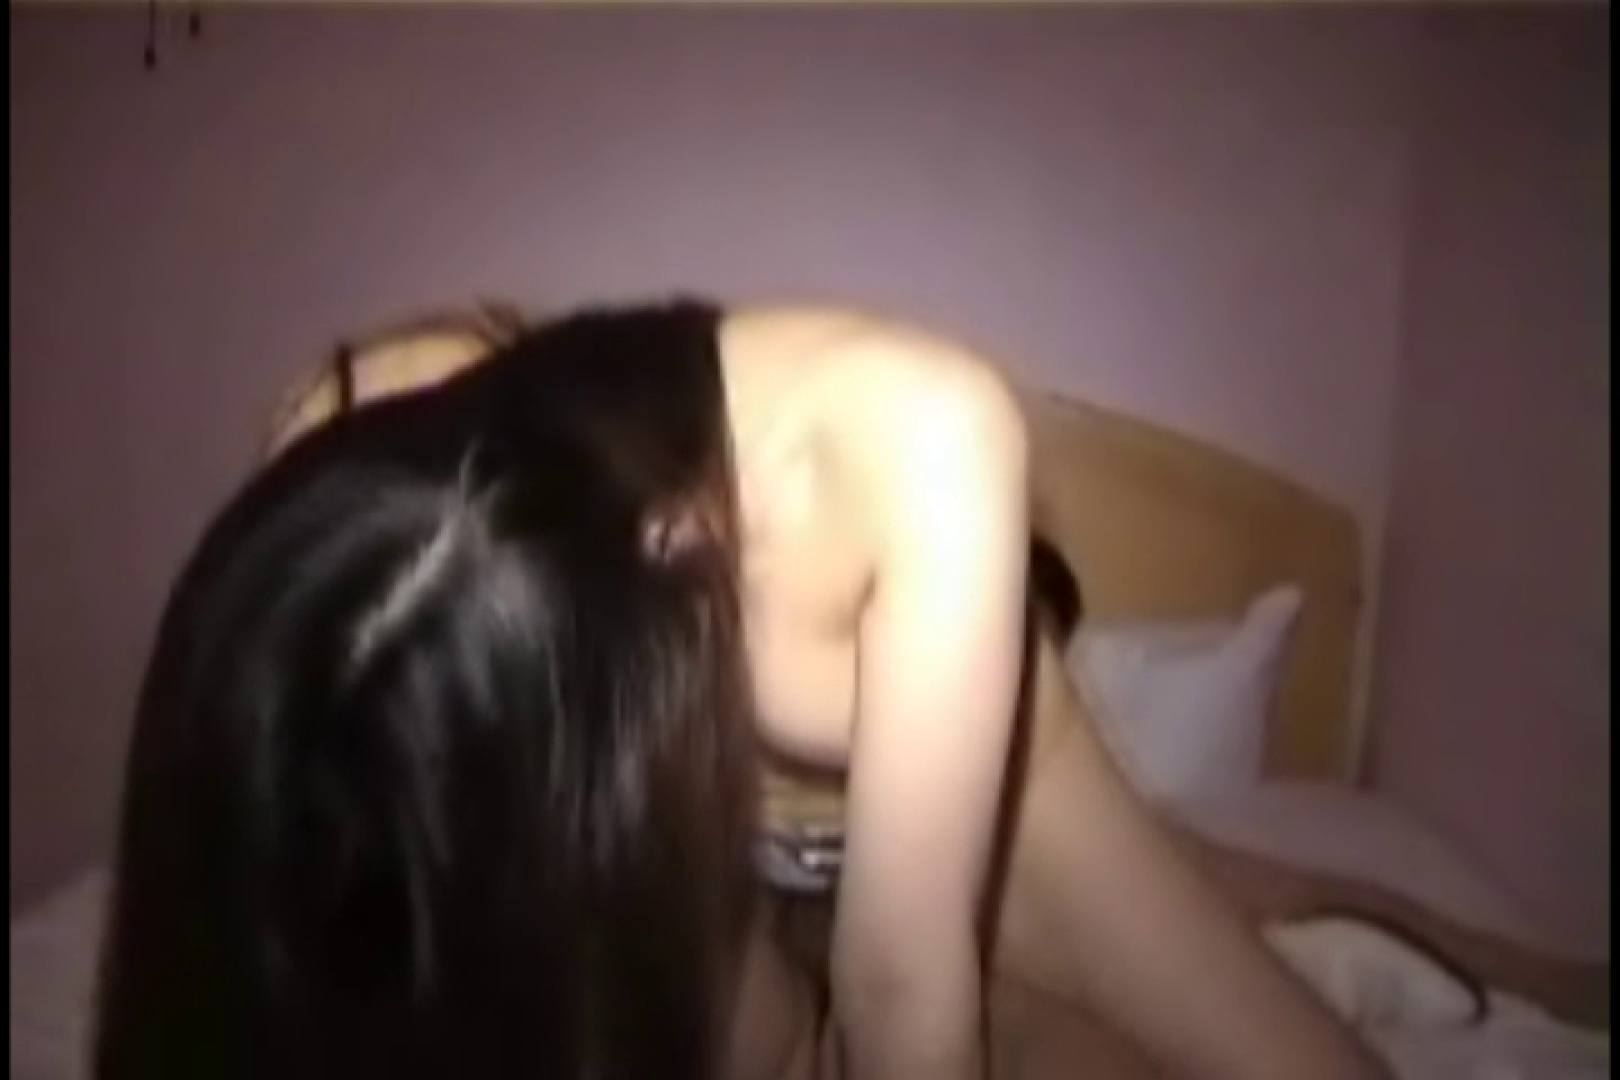 コリアン素人流出シリーズ ラブホテル援交ハメ撮り映像流出 ラブホテル  109連発 29